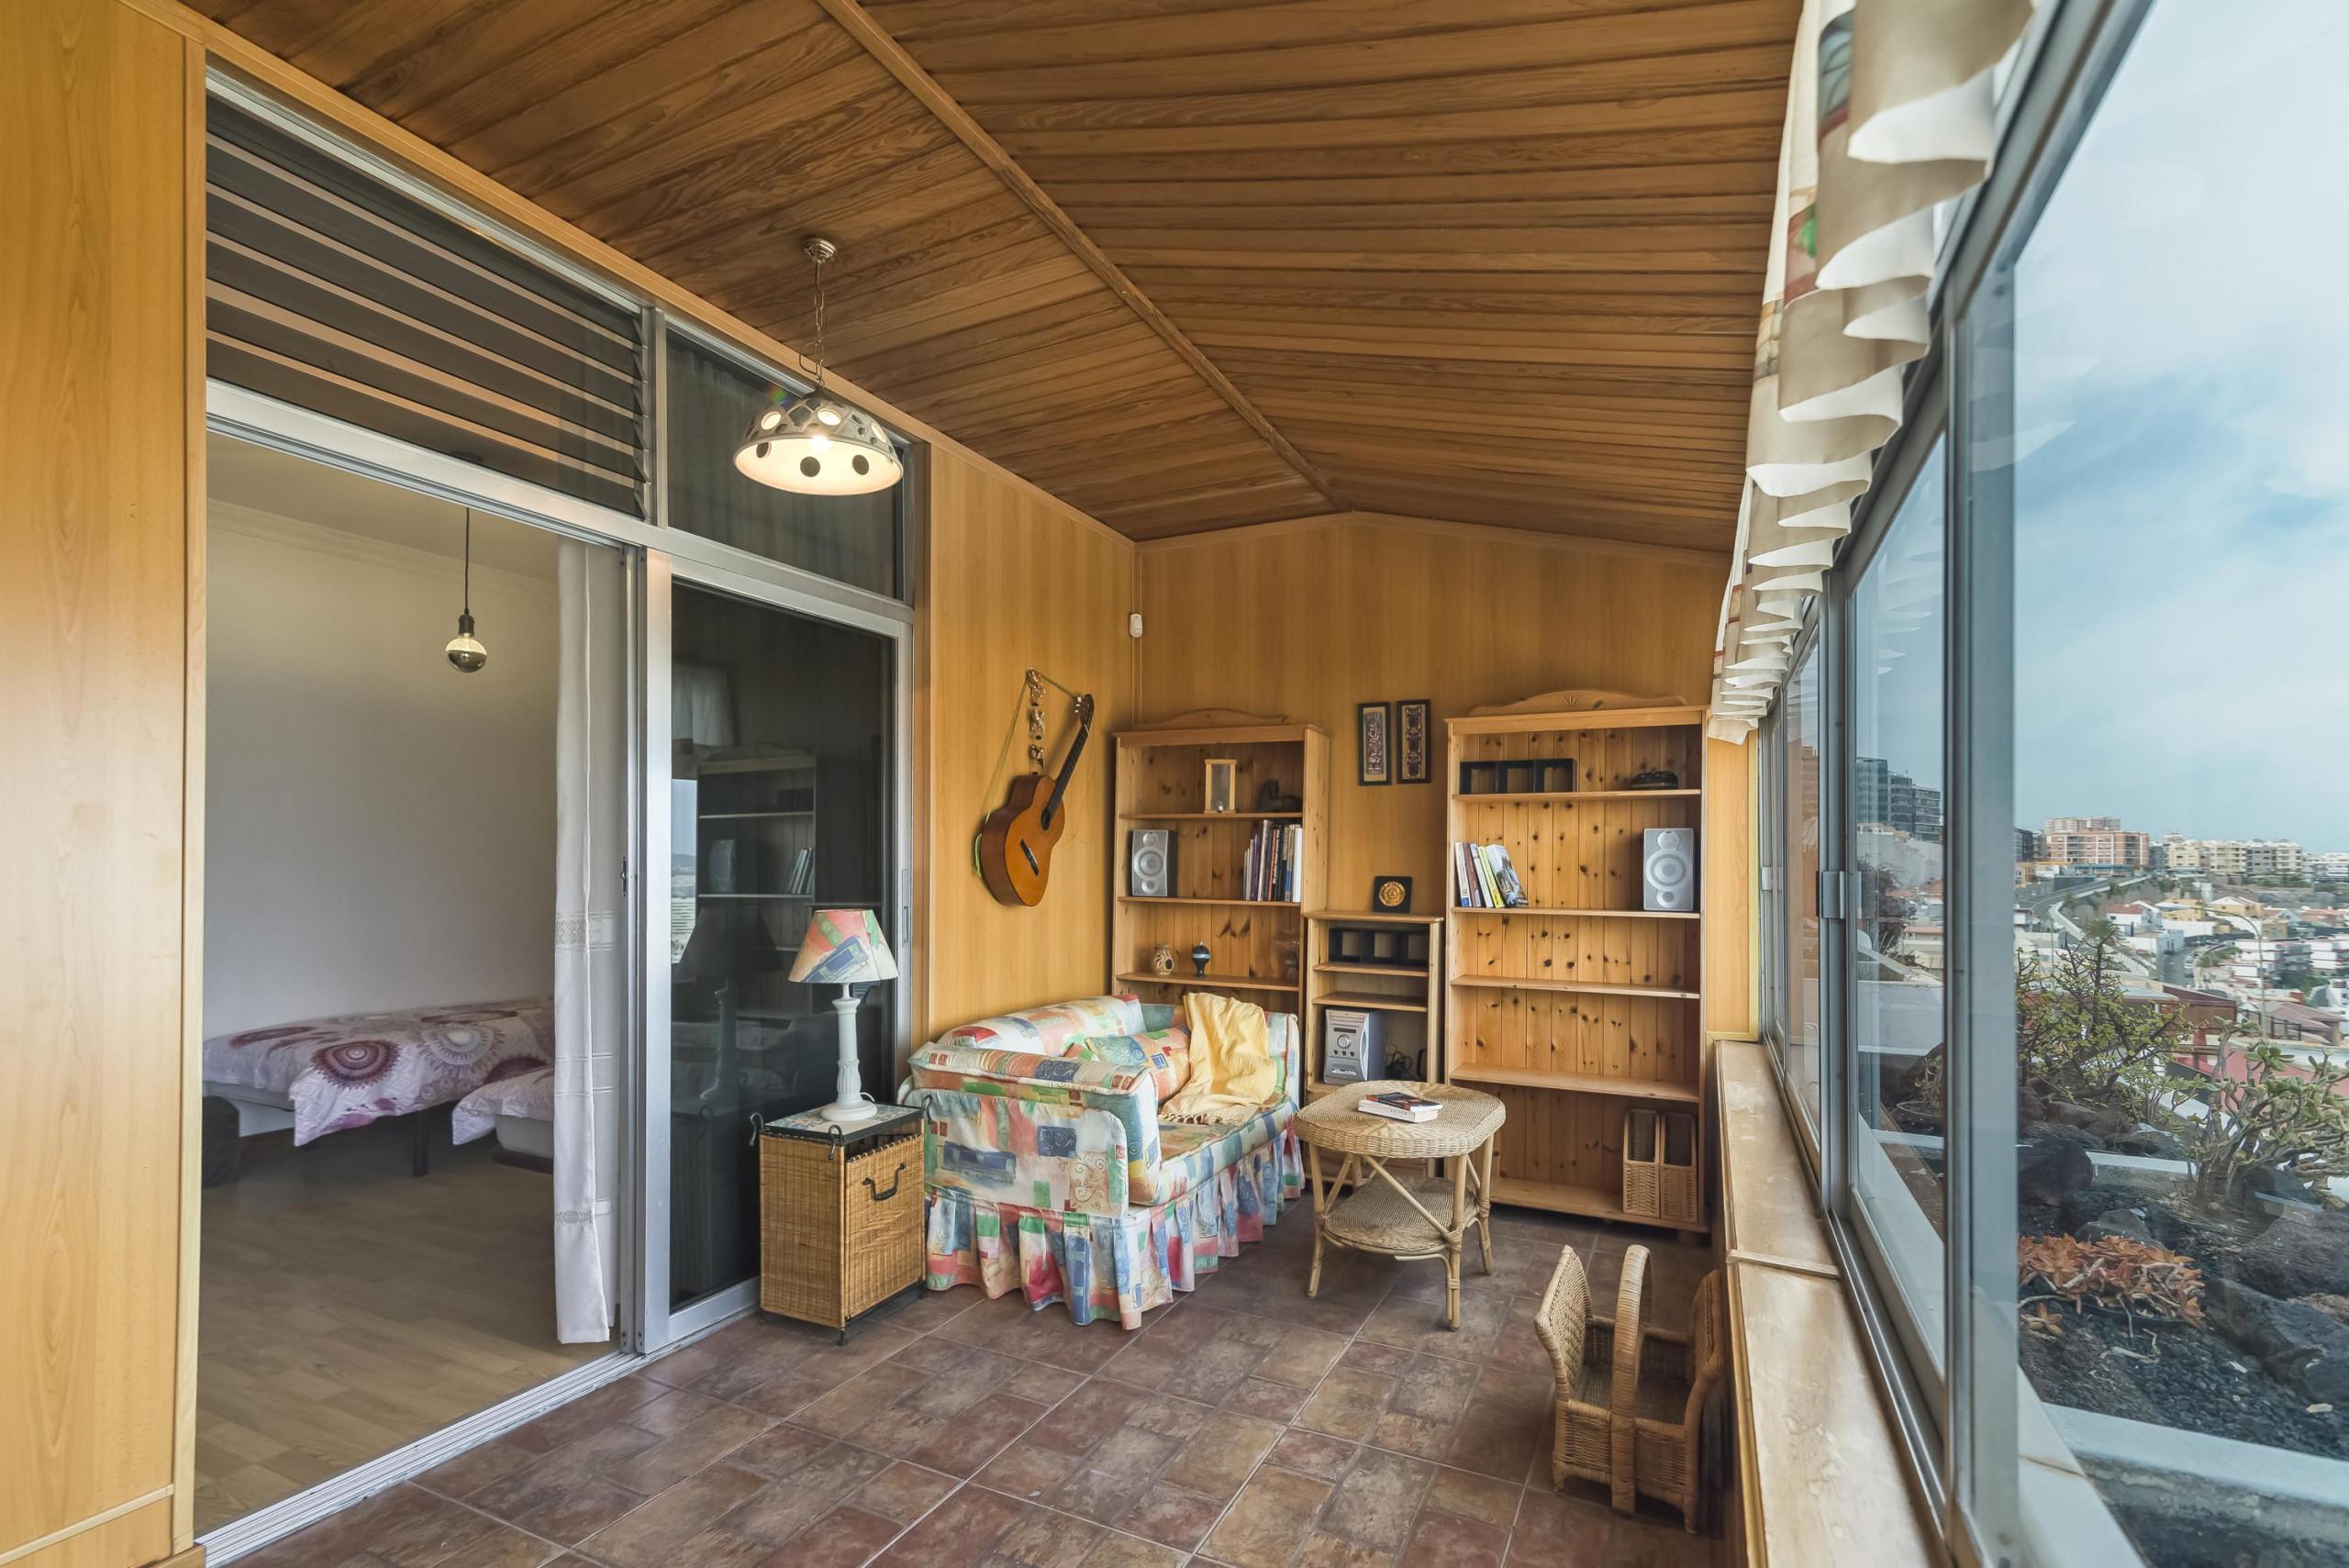 Apartamentos en las palmas de gran canaria gran apartamento con piscina y magn ficas vistas - Apartamento en las palmas de gran canaria ...